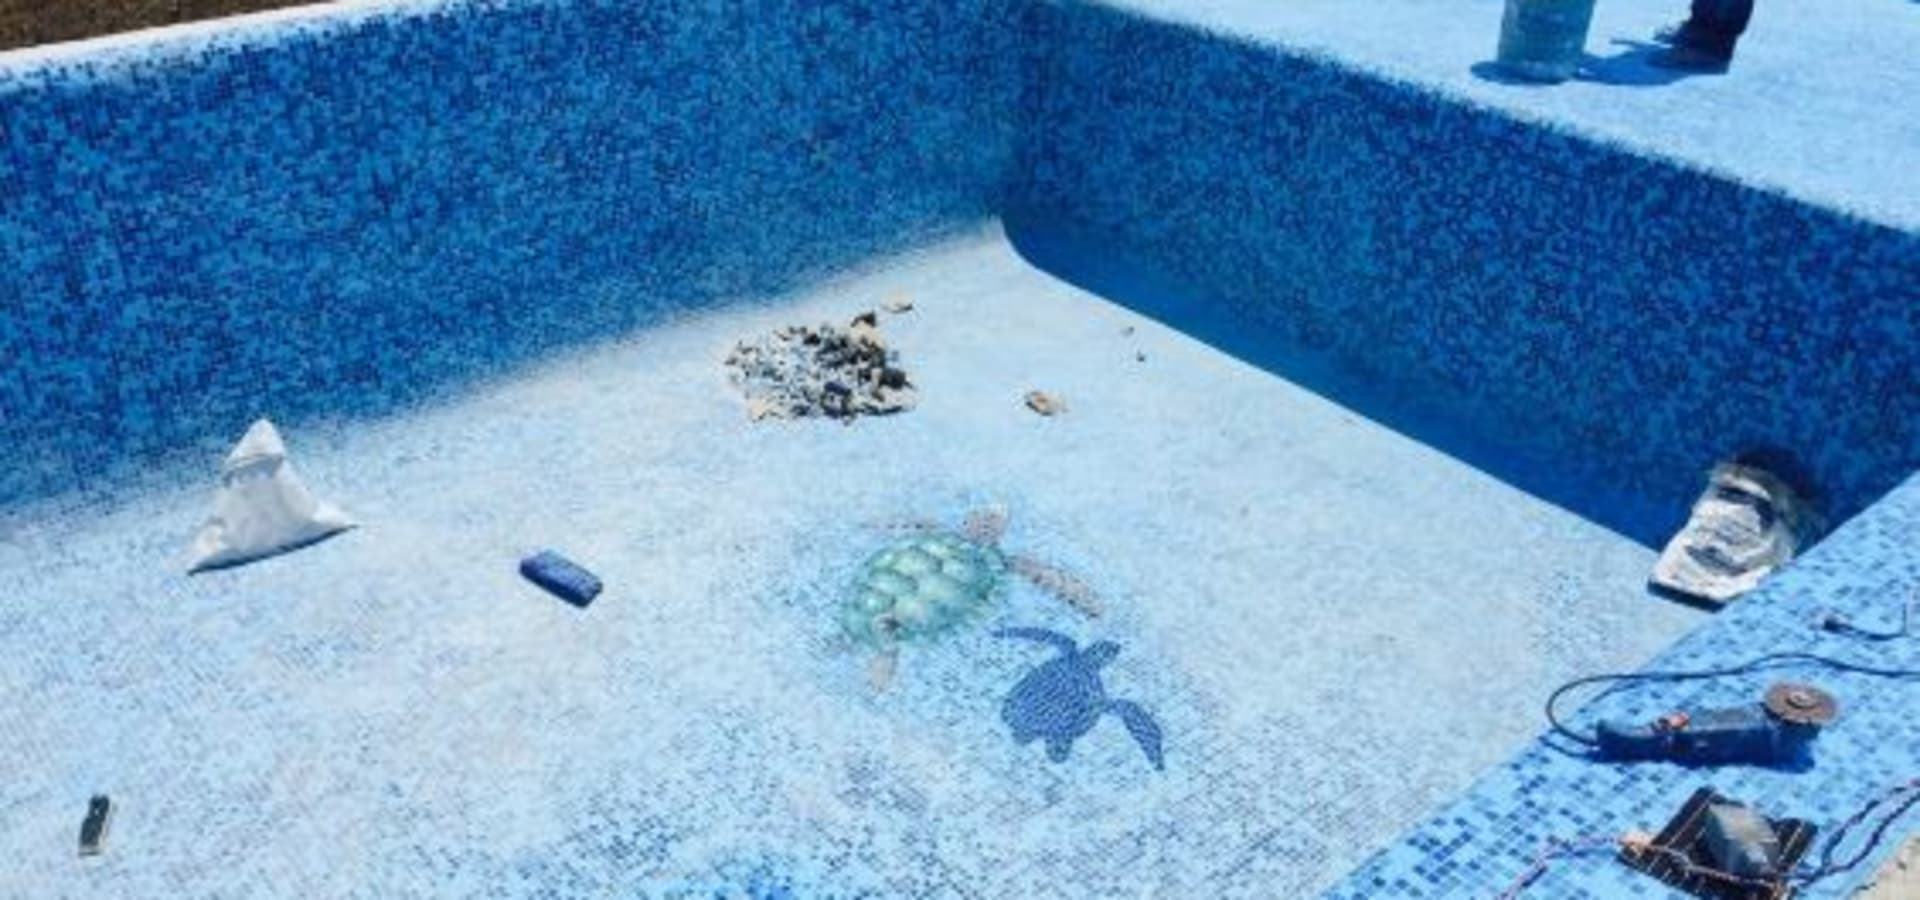 Construcci n de alberca en tenancingo de albercas aqualim for Videos de construccion de albercas